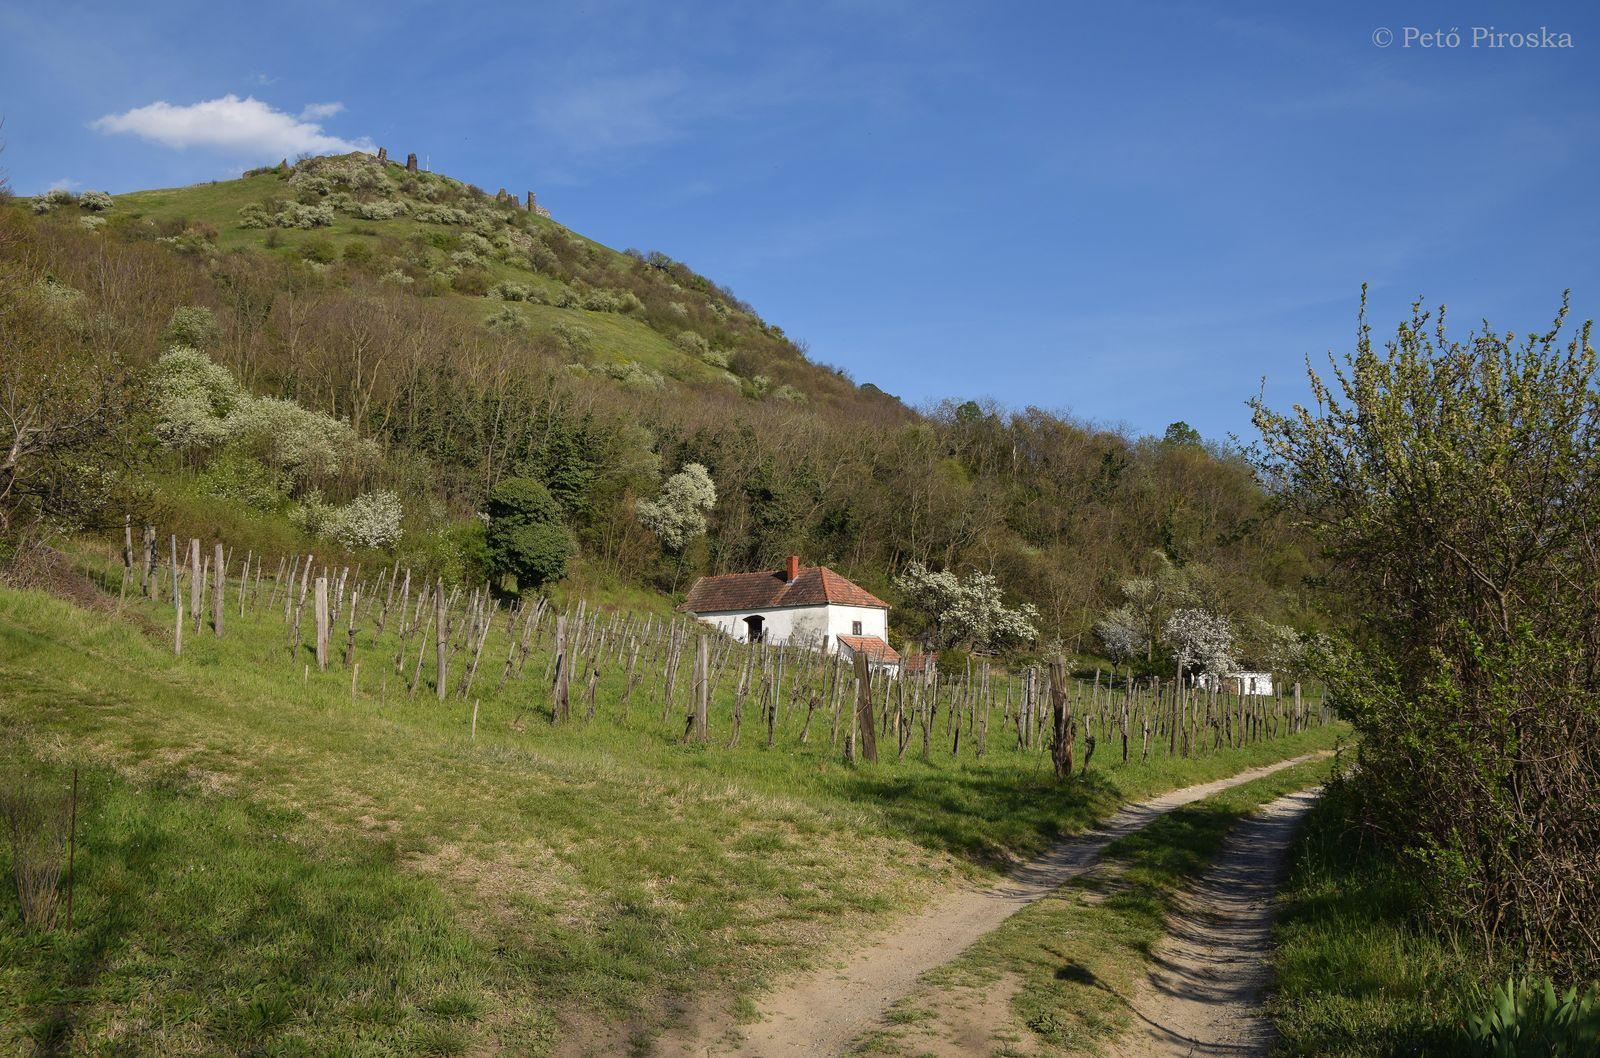 Harmóniát sugárzó hegyrészlet; a présház és a földterület fenntartásáért köszönet a tulajdonosoknak!